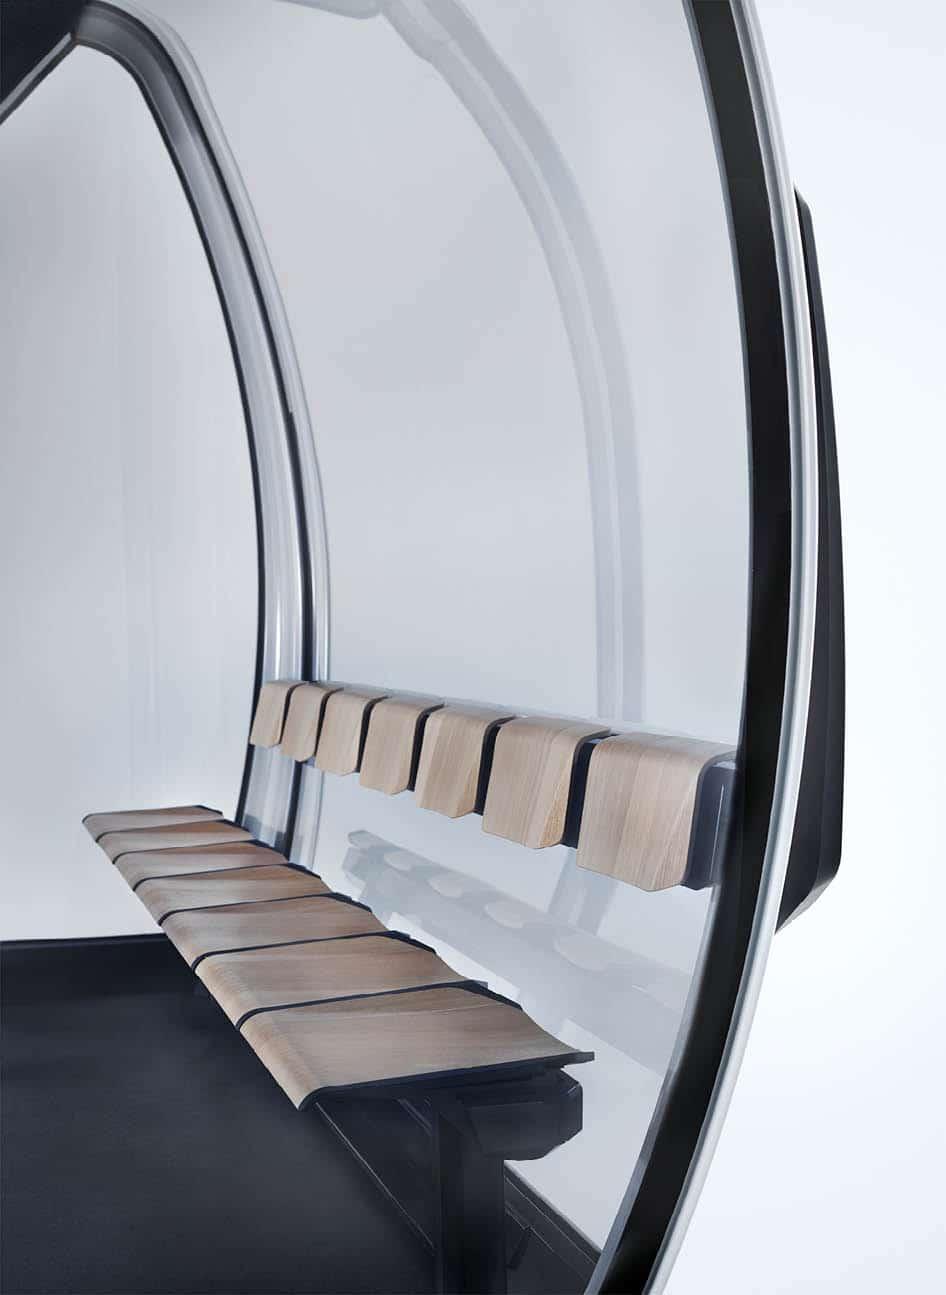 Sitzbank vor Panorama-Fenster einer Seilbahn-Kabine